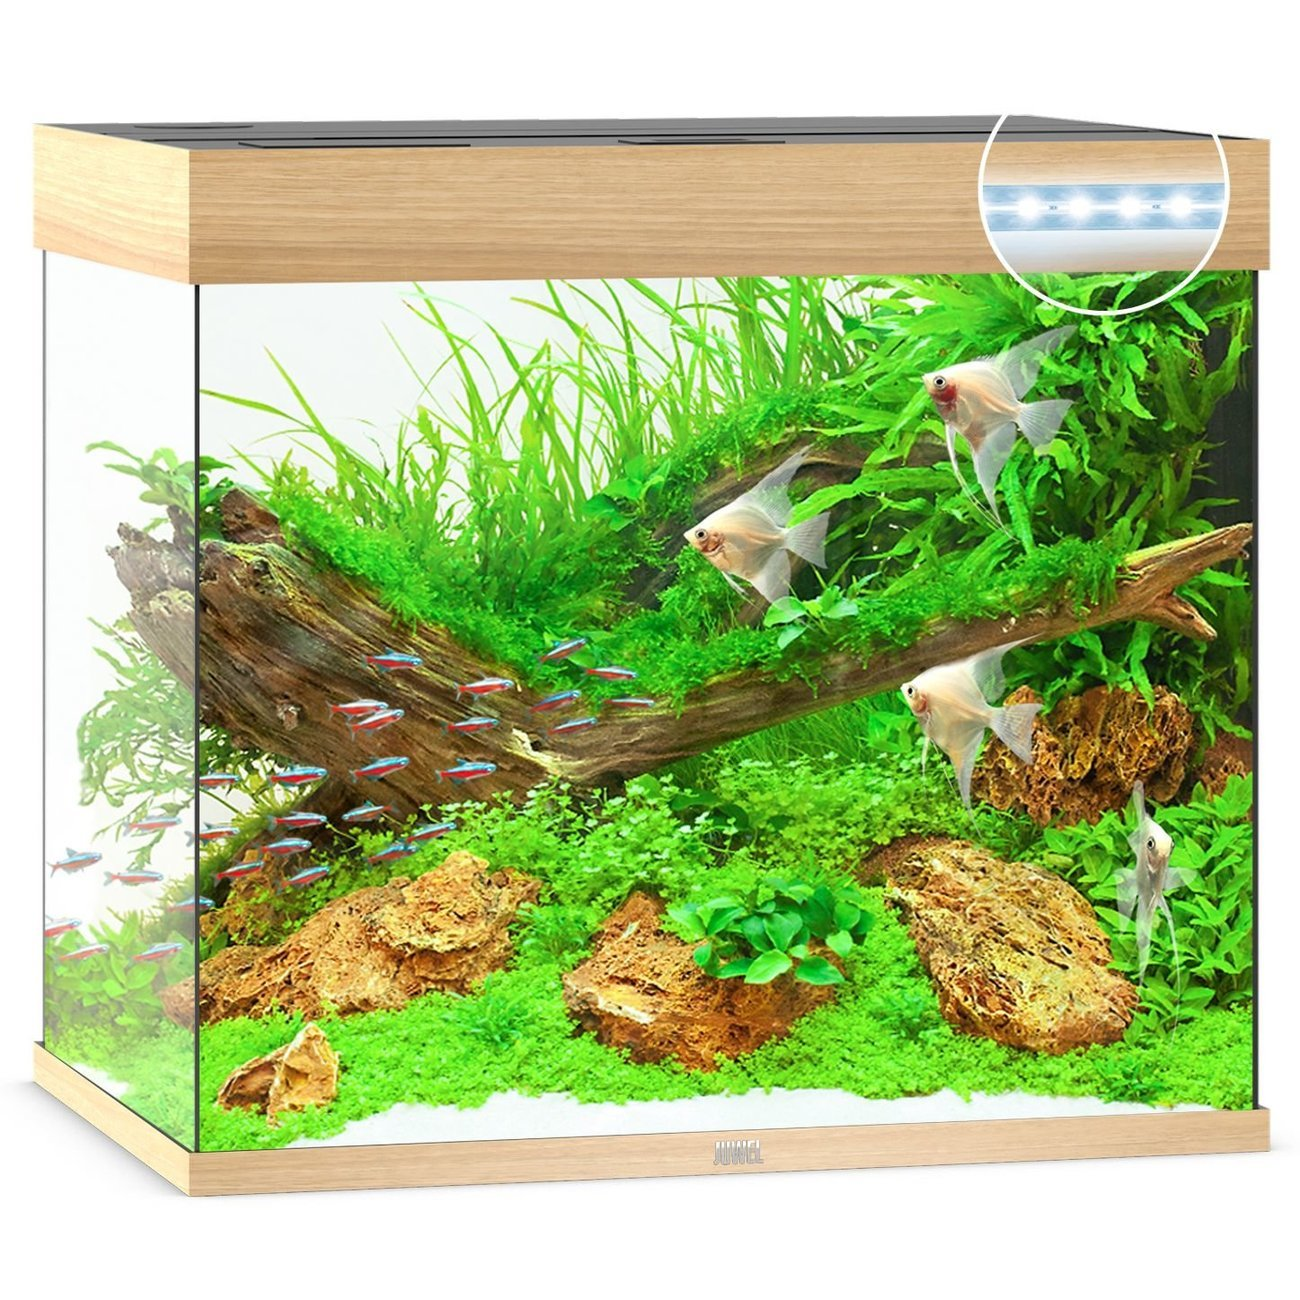 JUWEL Lido 200 LED Aquarium, 200 Liter, beige